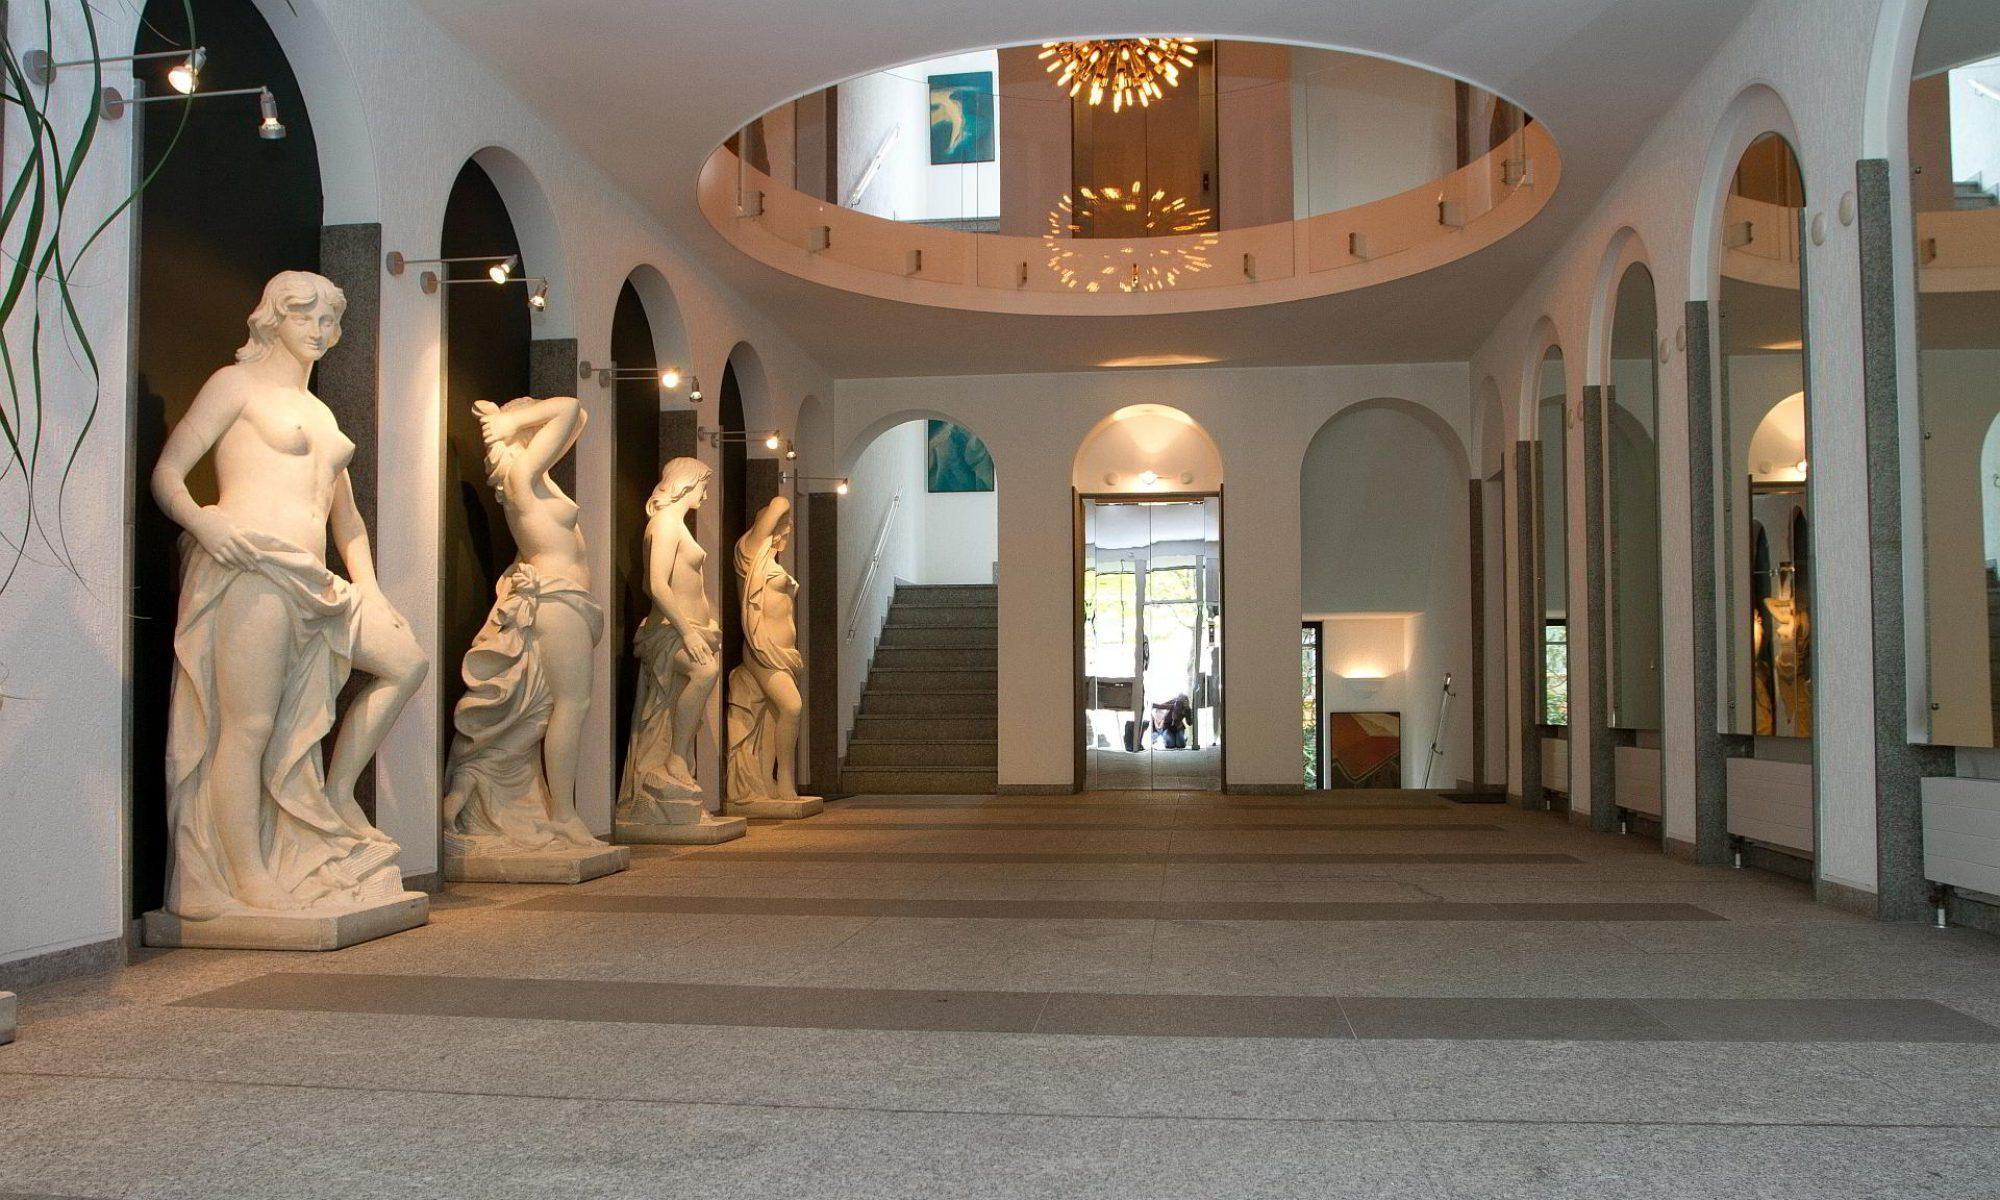 Steuerberater Fischenich | Kau & Fischenich | Flümann & Fischenich